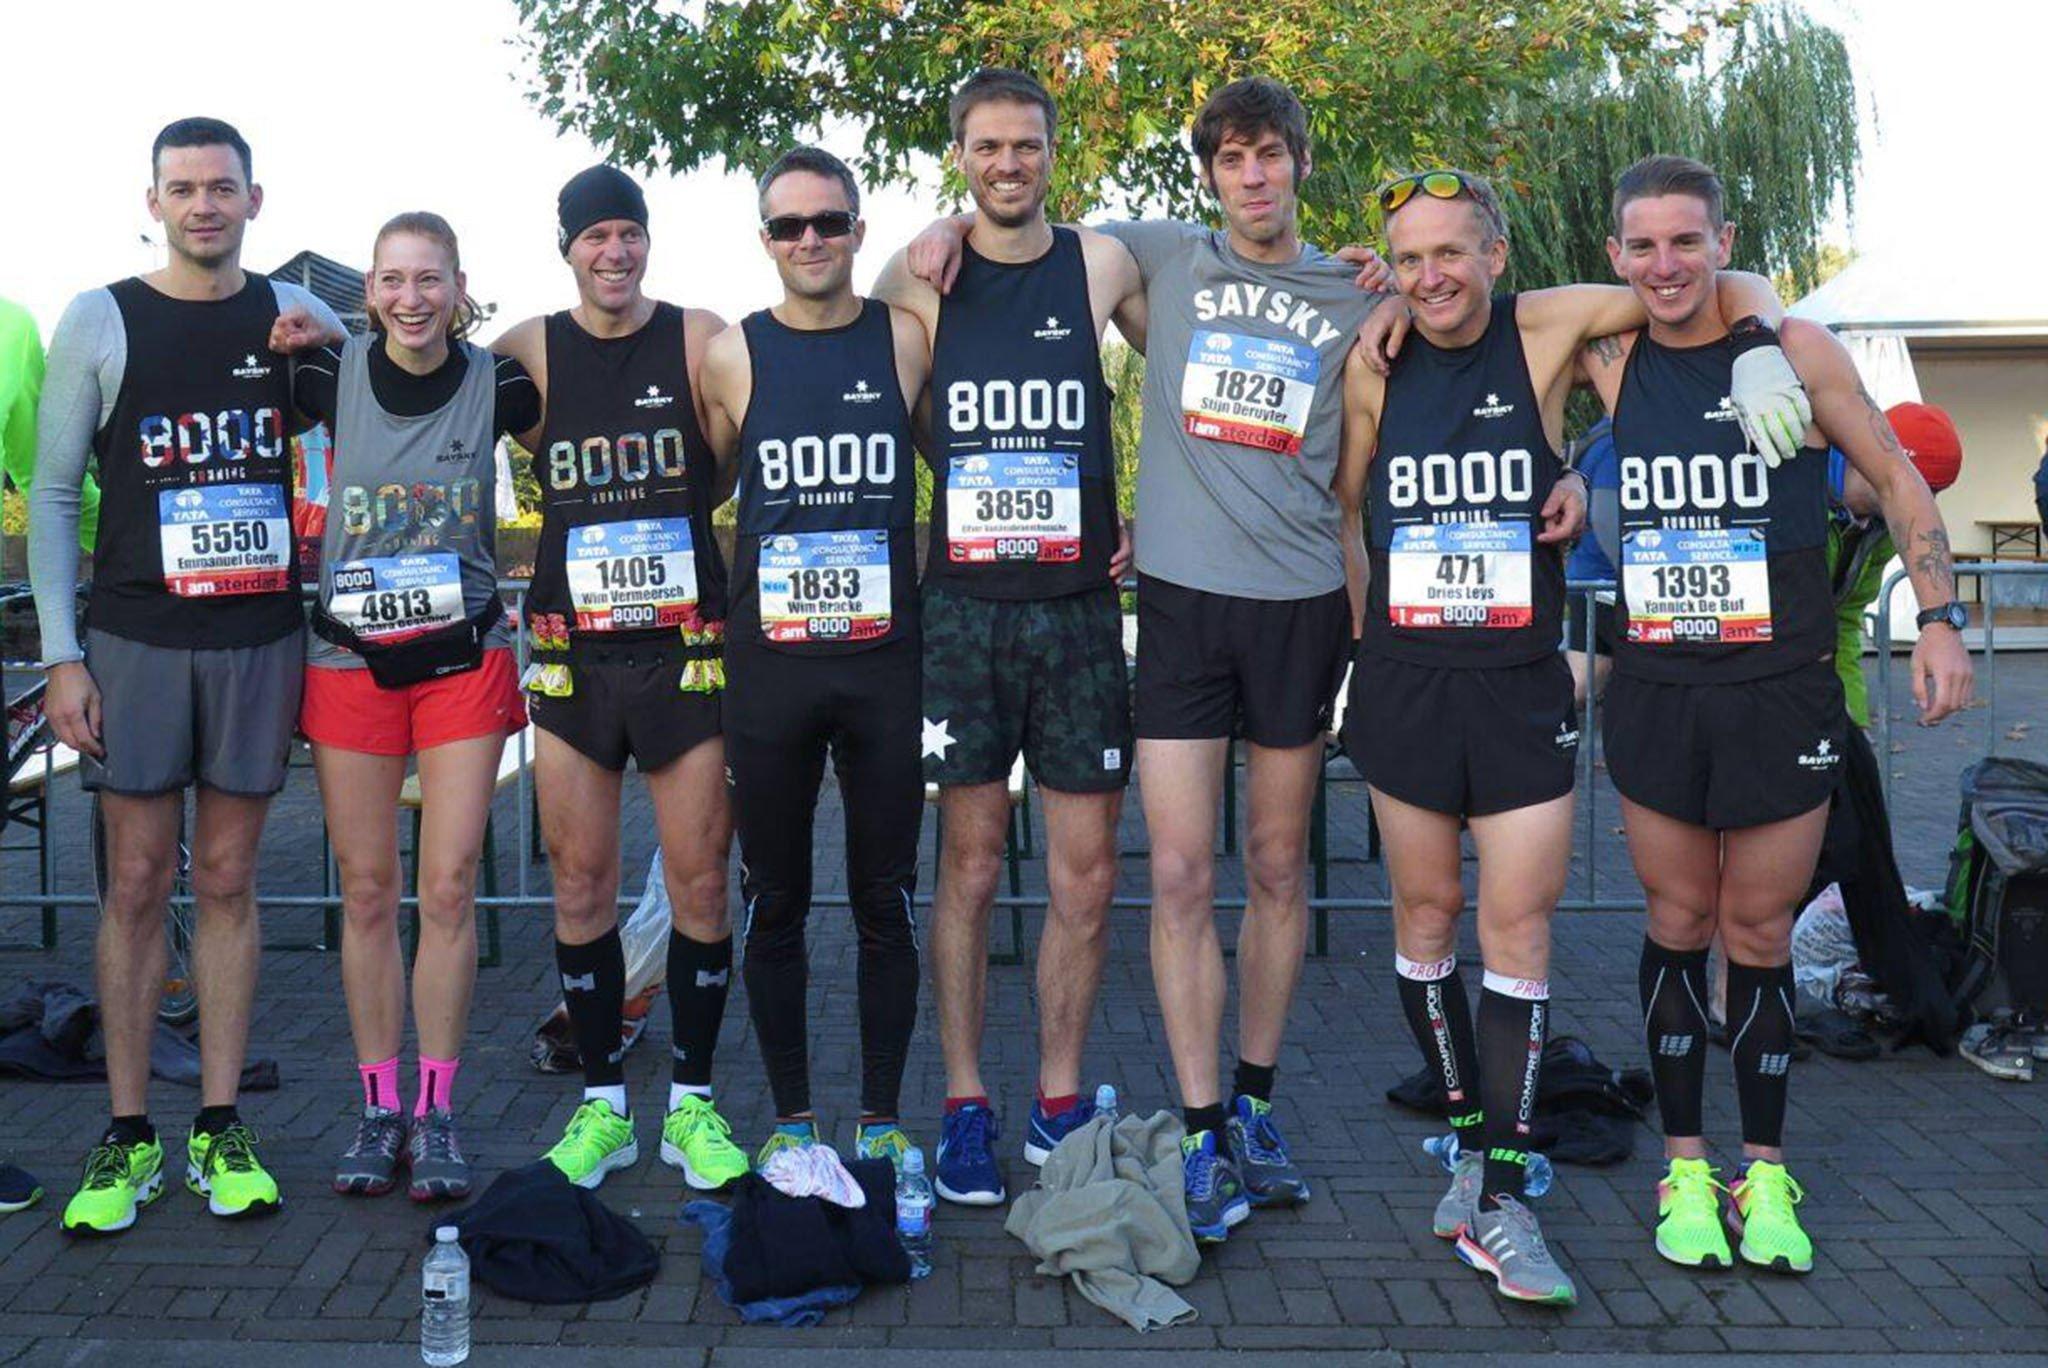 8000 RUNNING: BRUGES